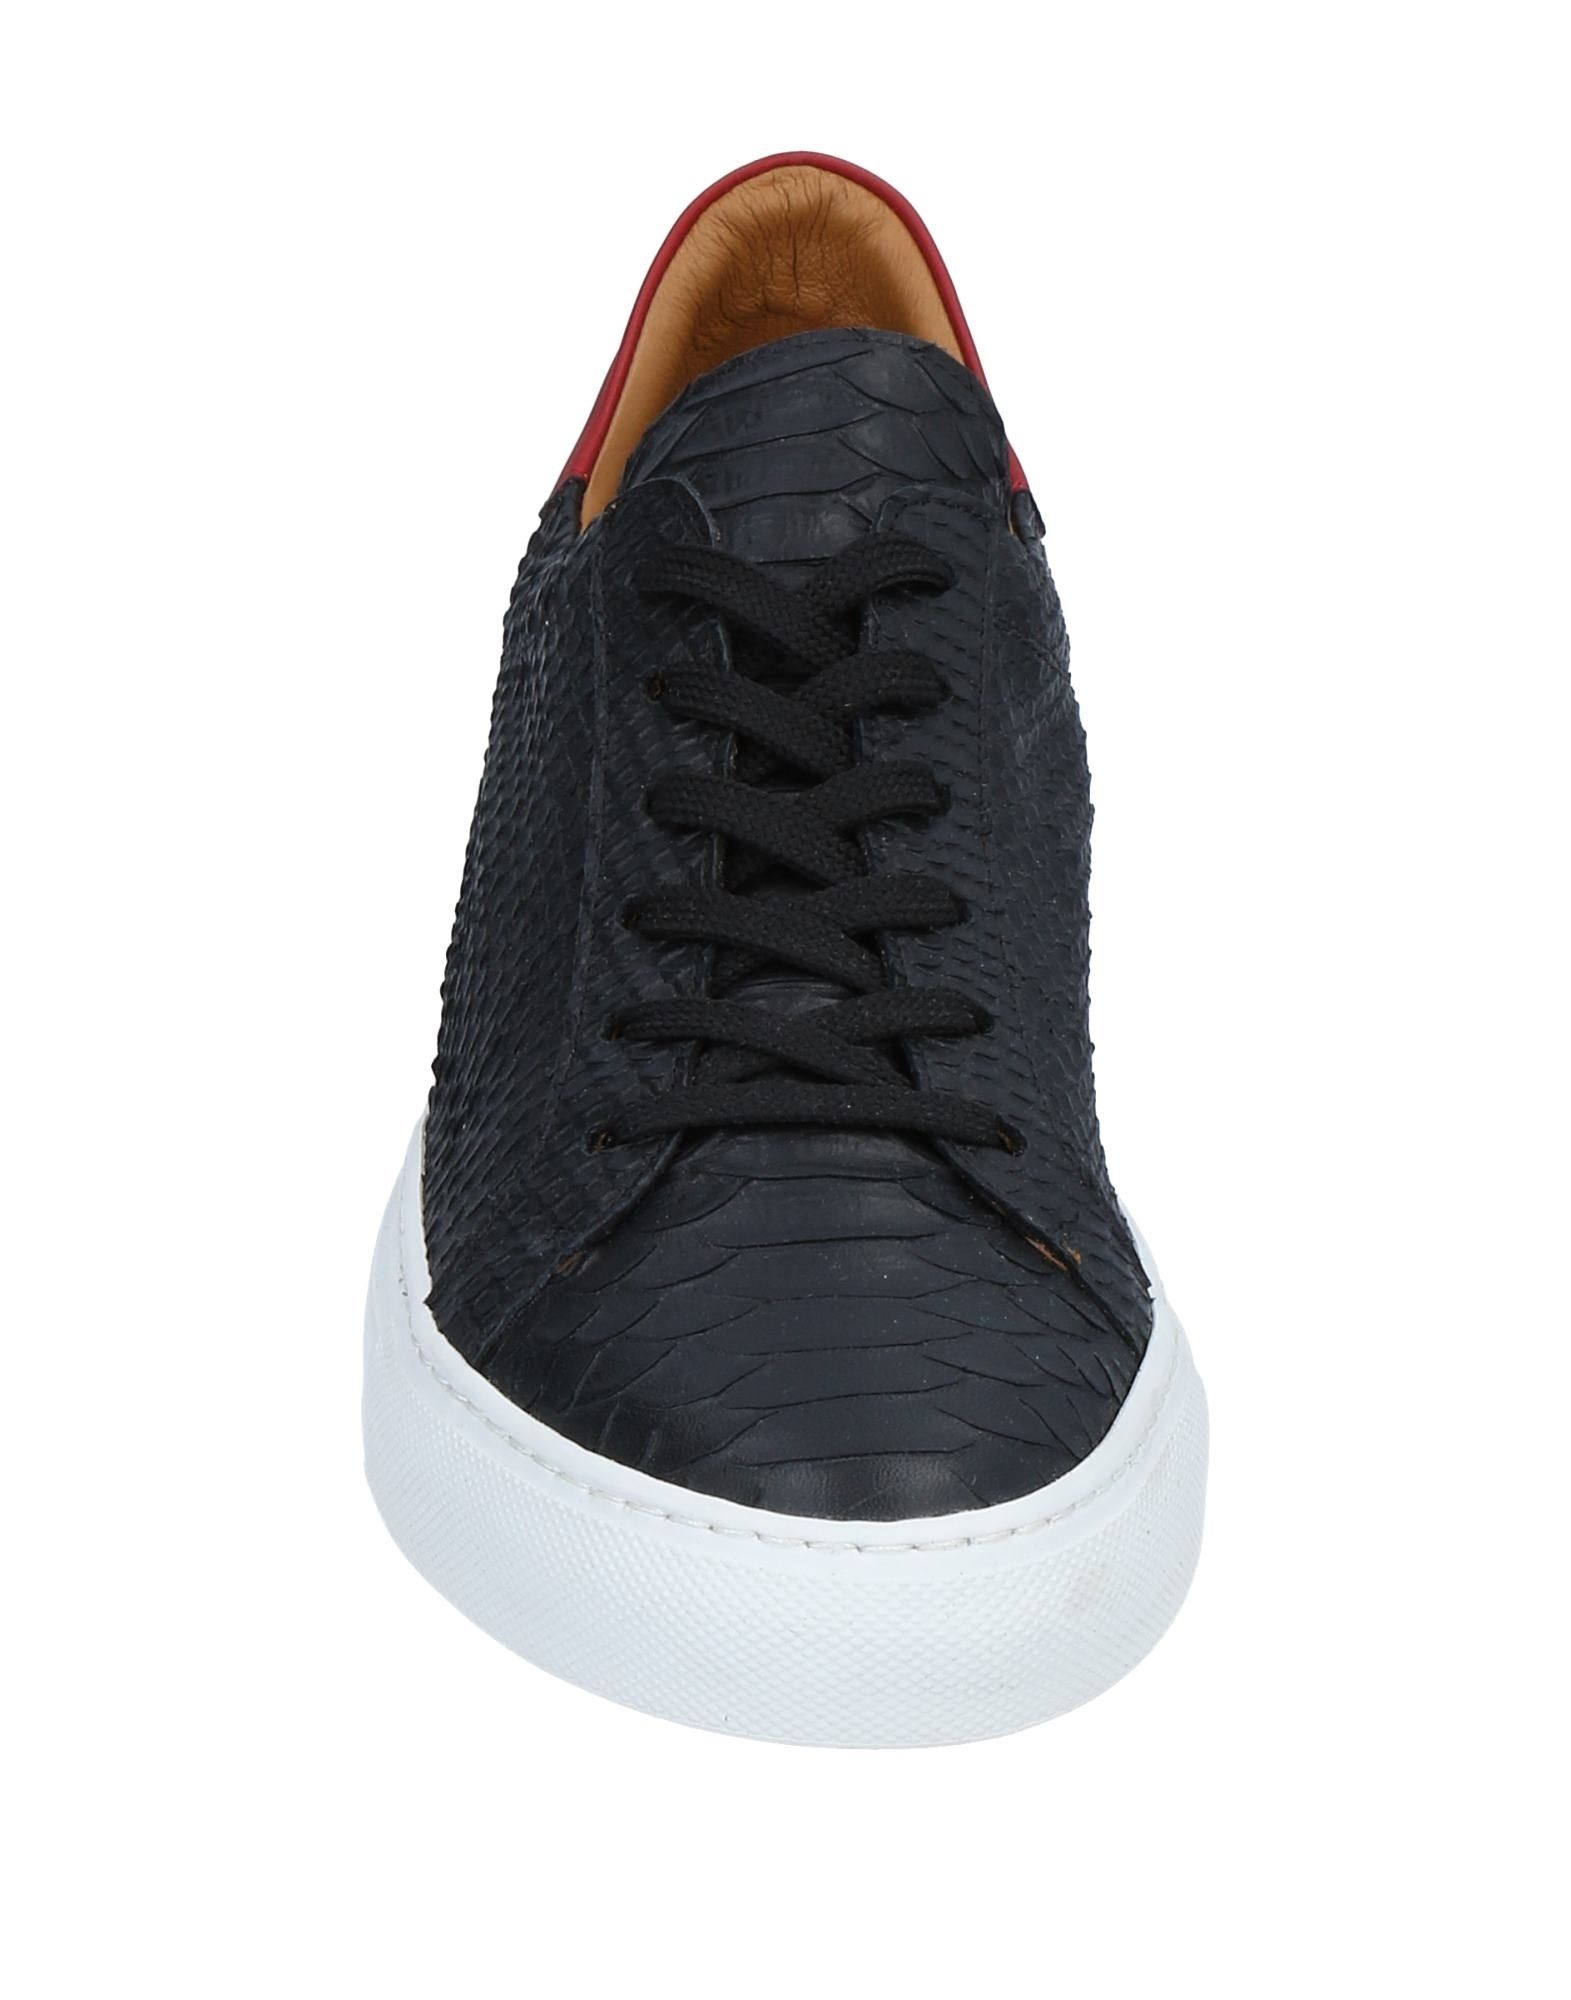 My Heels Sneakers - Women Women Women My Heels Sneakers online on  United Kingdom - 11530509AF 9a61dd